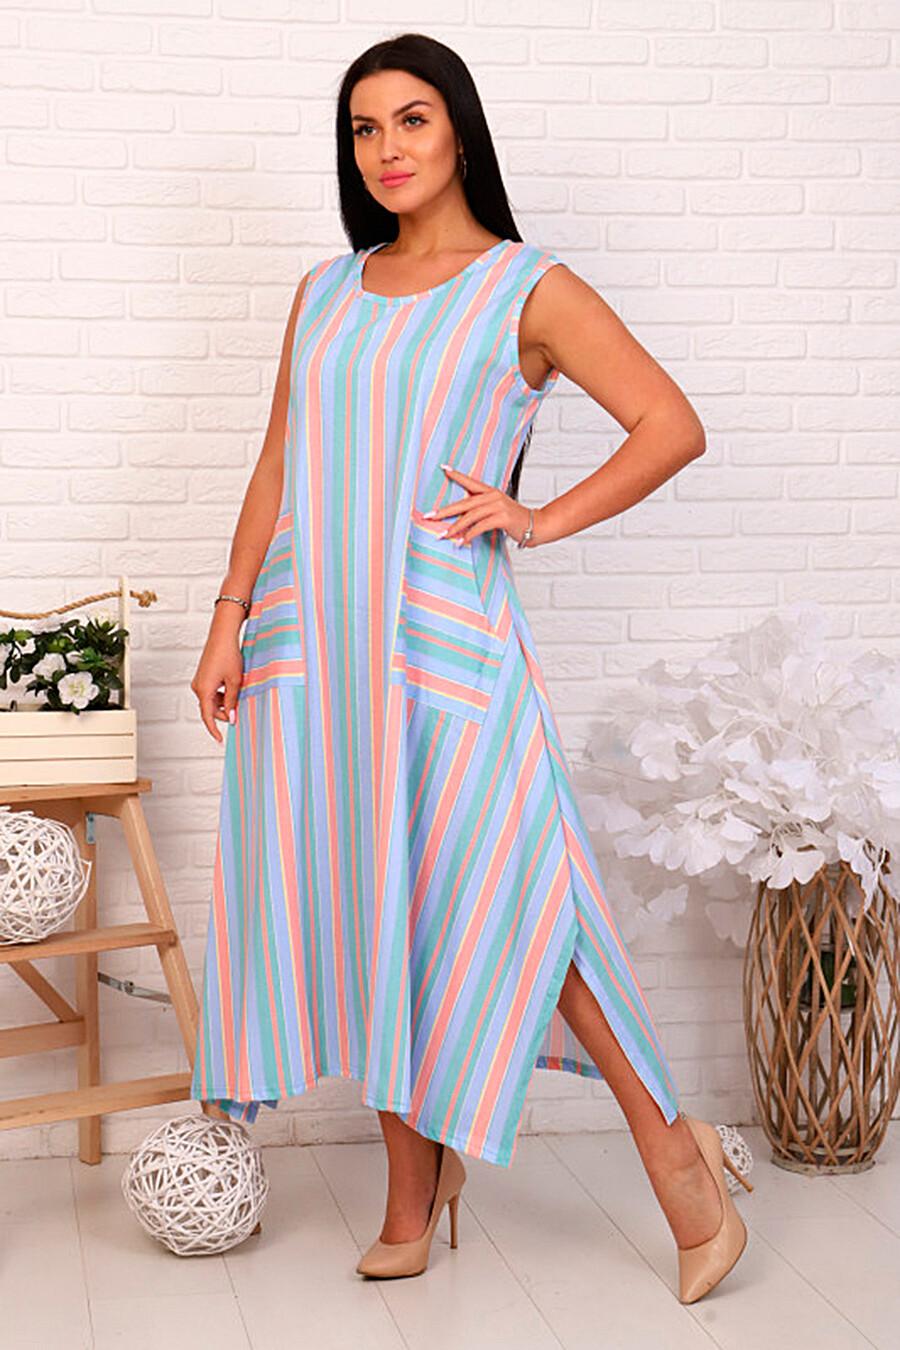 Сарафан для женщин SOFIYA37 668362 купить оптом от производителя. Совместная покупка женской одежды в OptMoyo